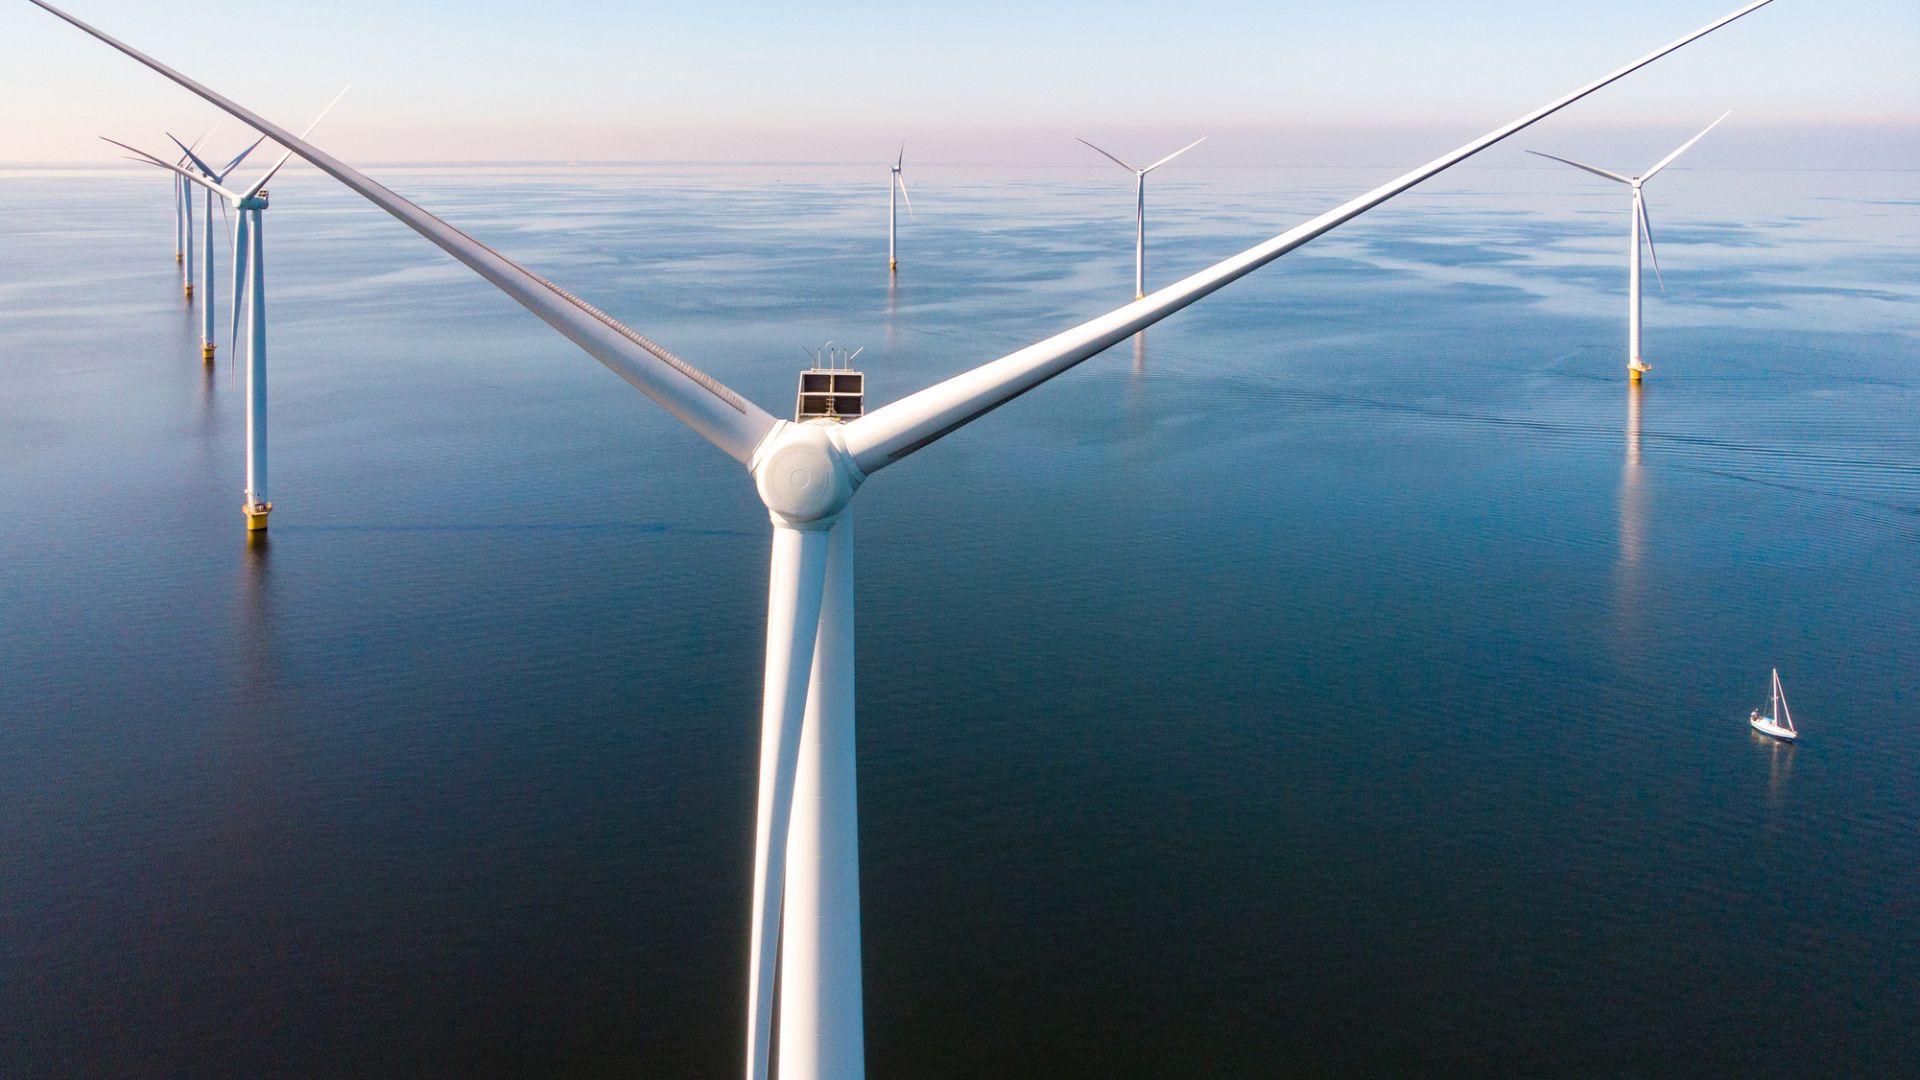 Дания създава изкуствен остров, генериращ енергия от вятъра